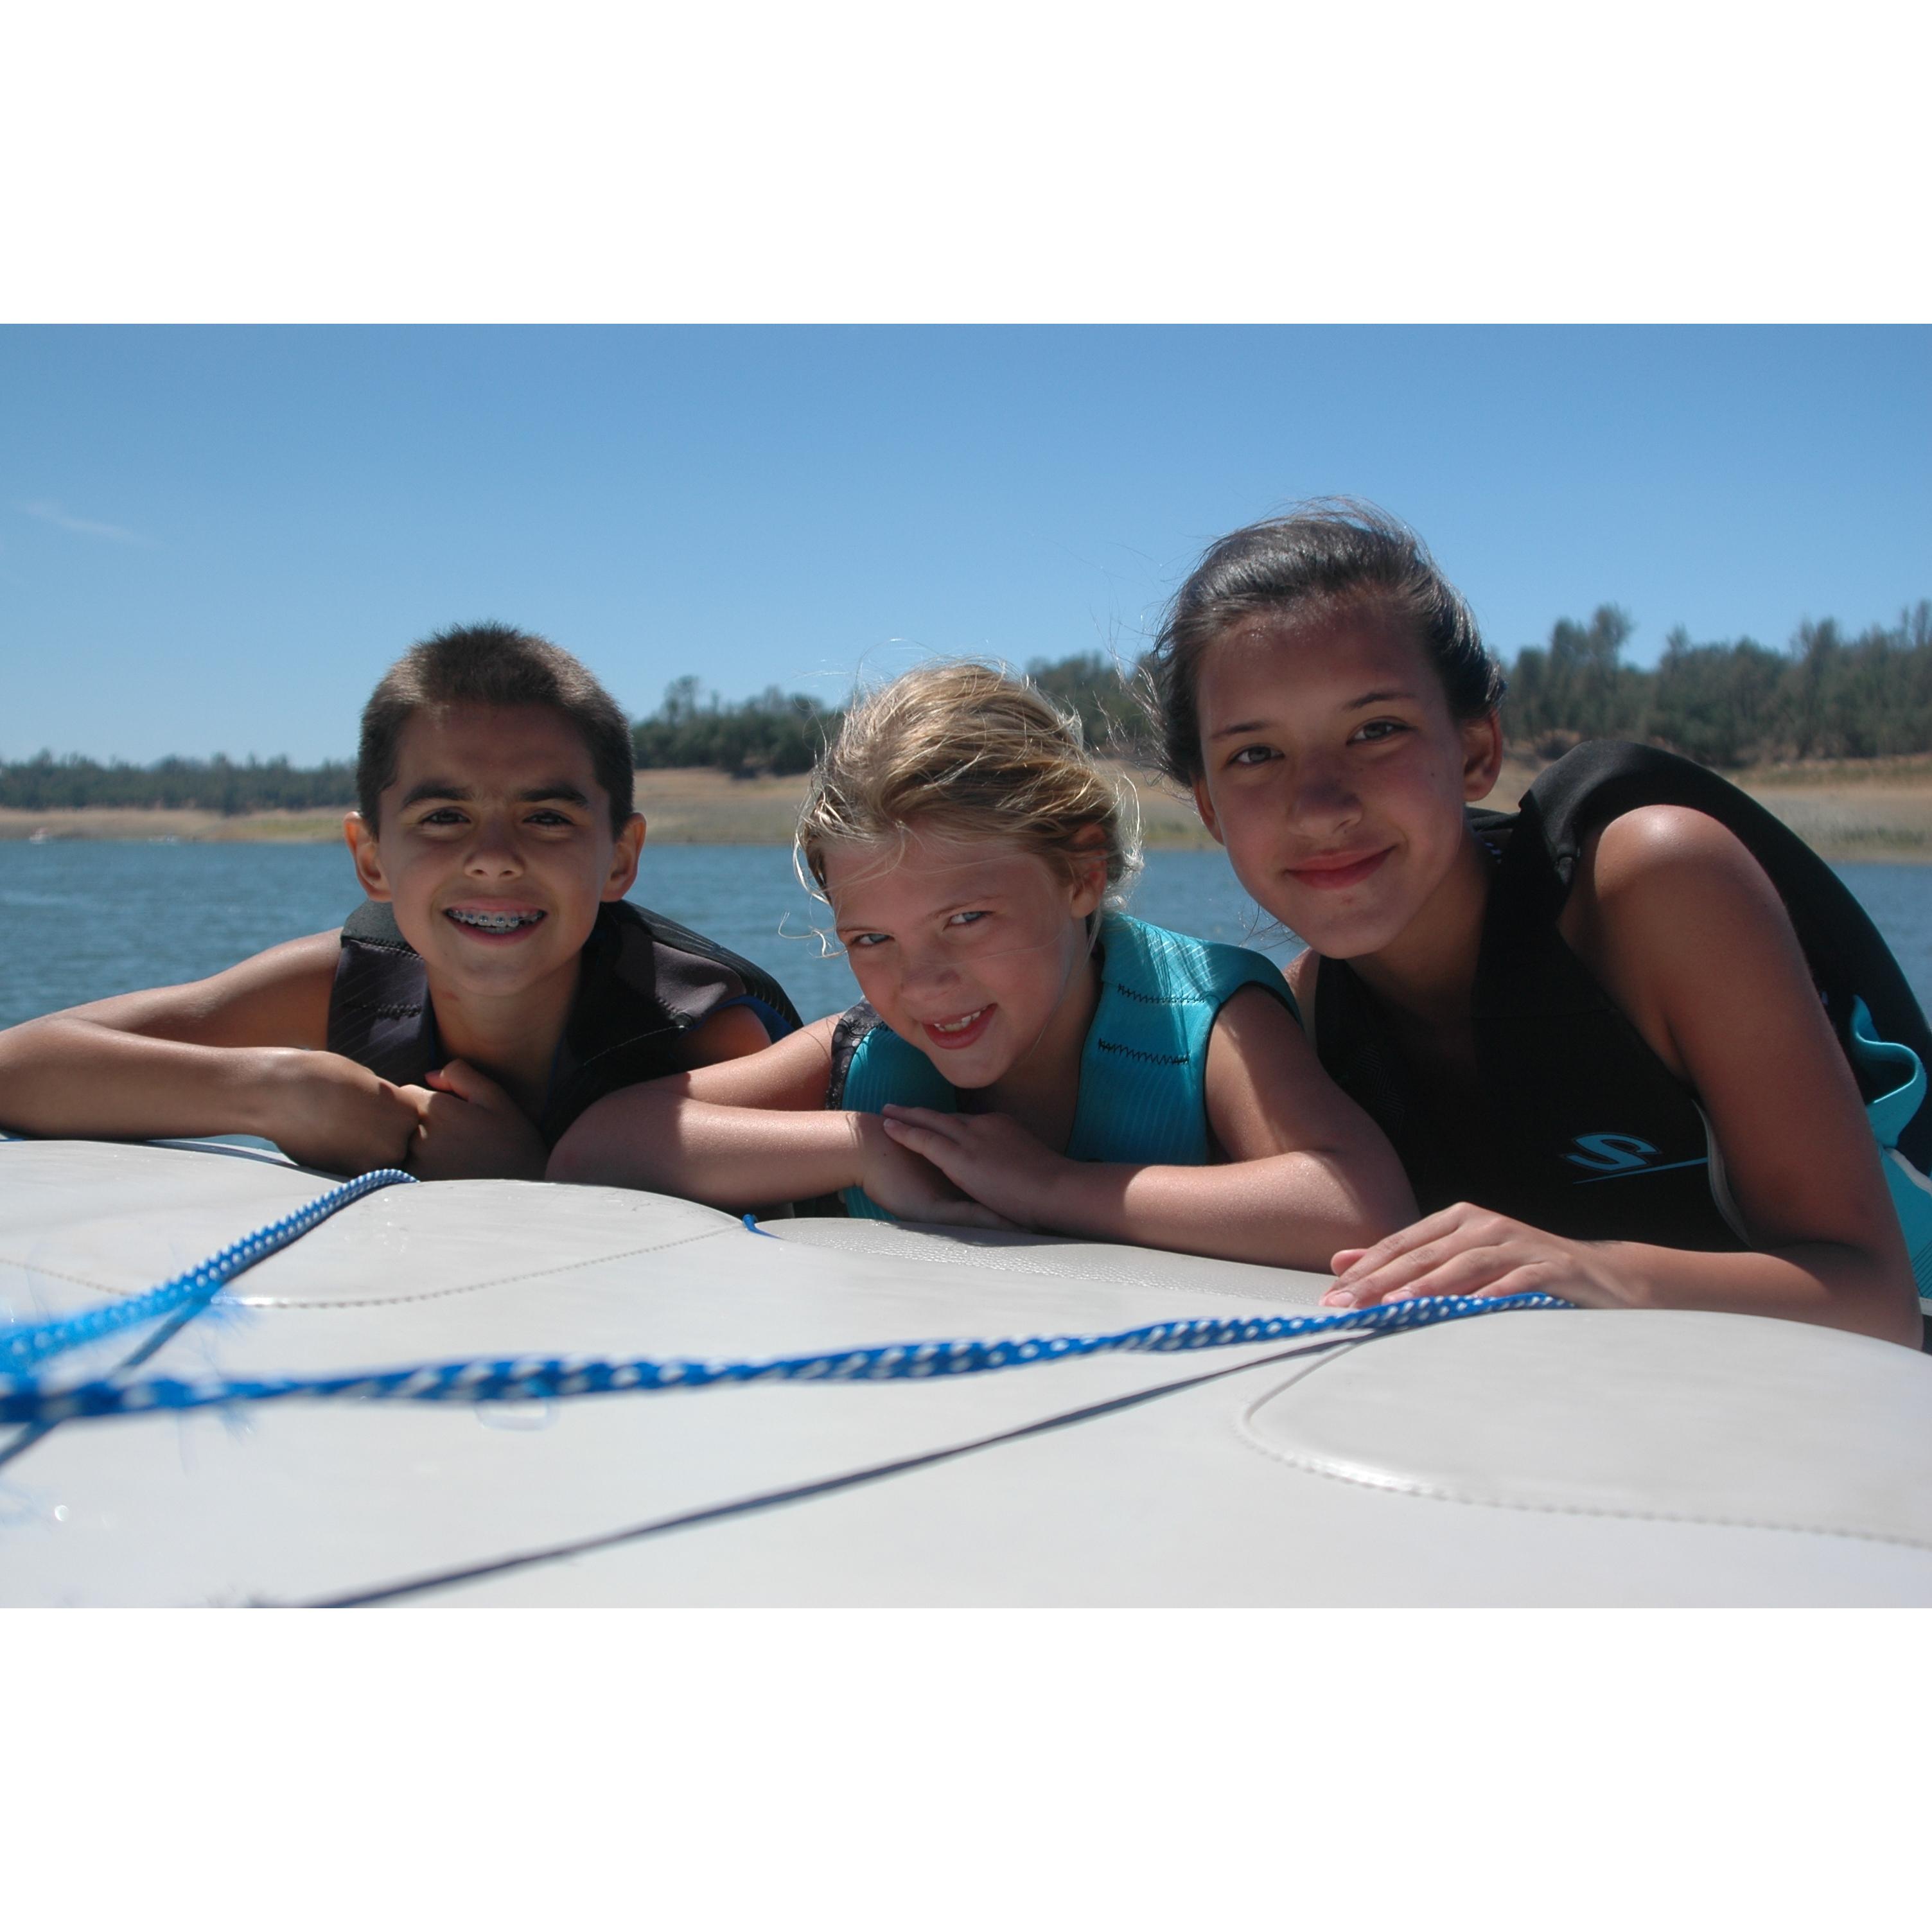 Lakefront at LandsEnd - Bradley, CA 93426 - (510)999-6224 | ShowMeLocal.com